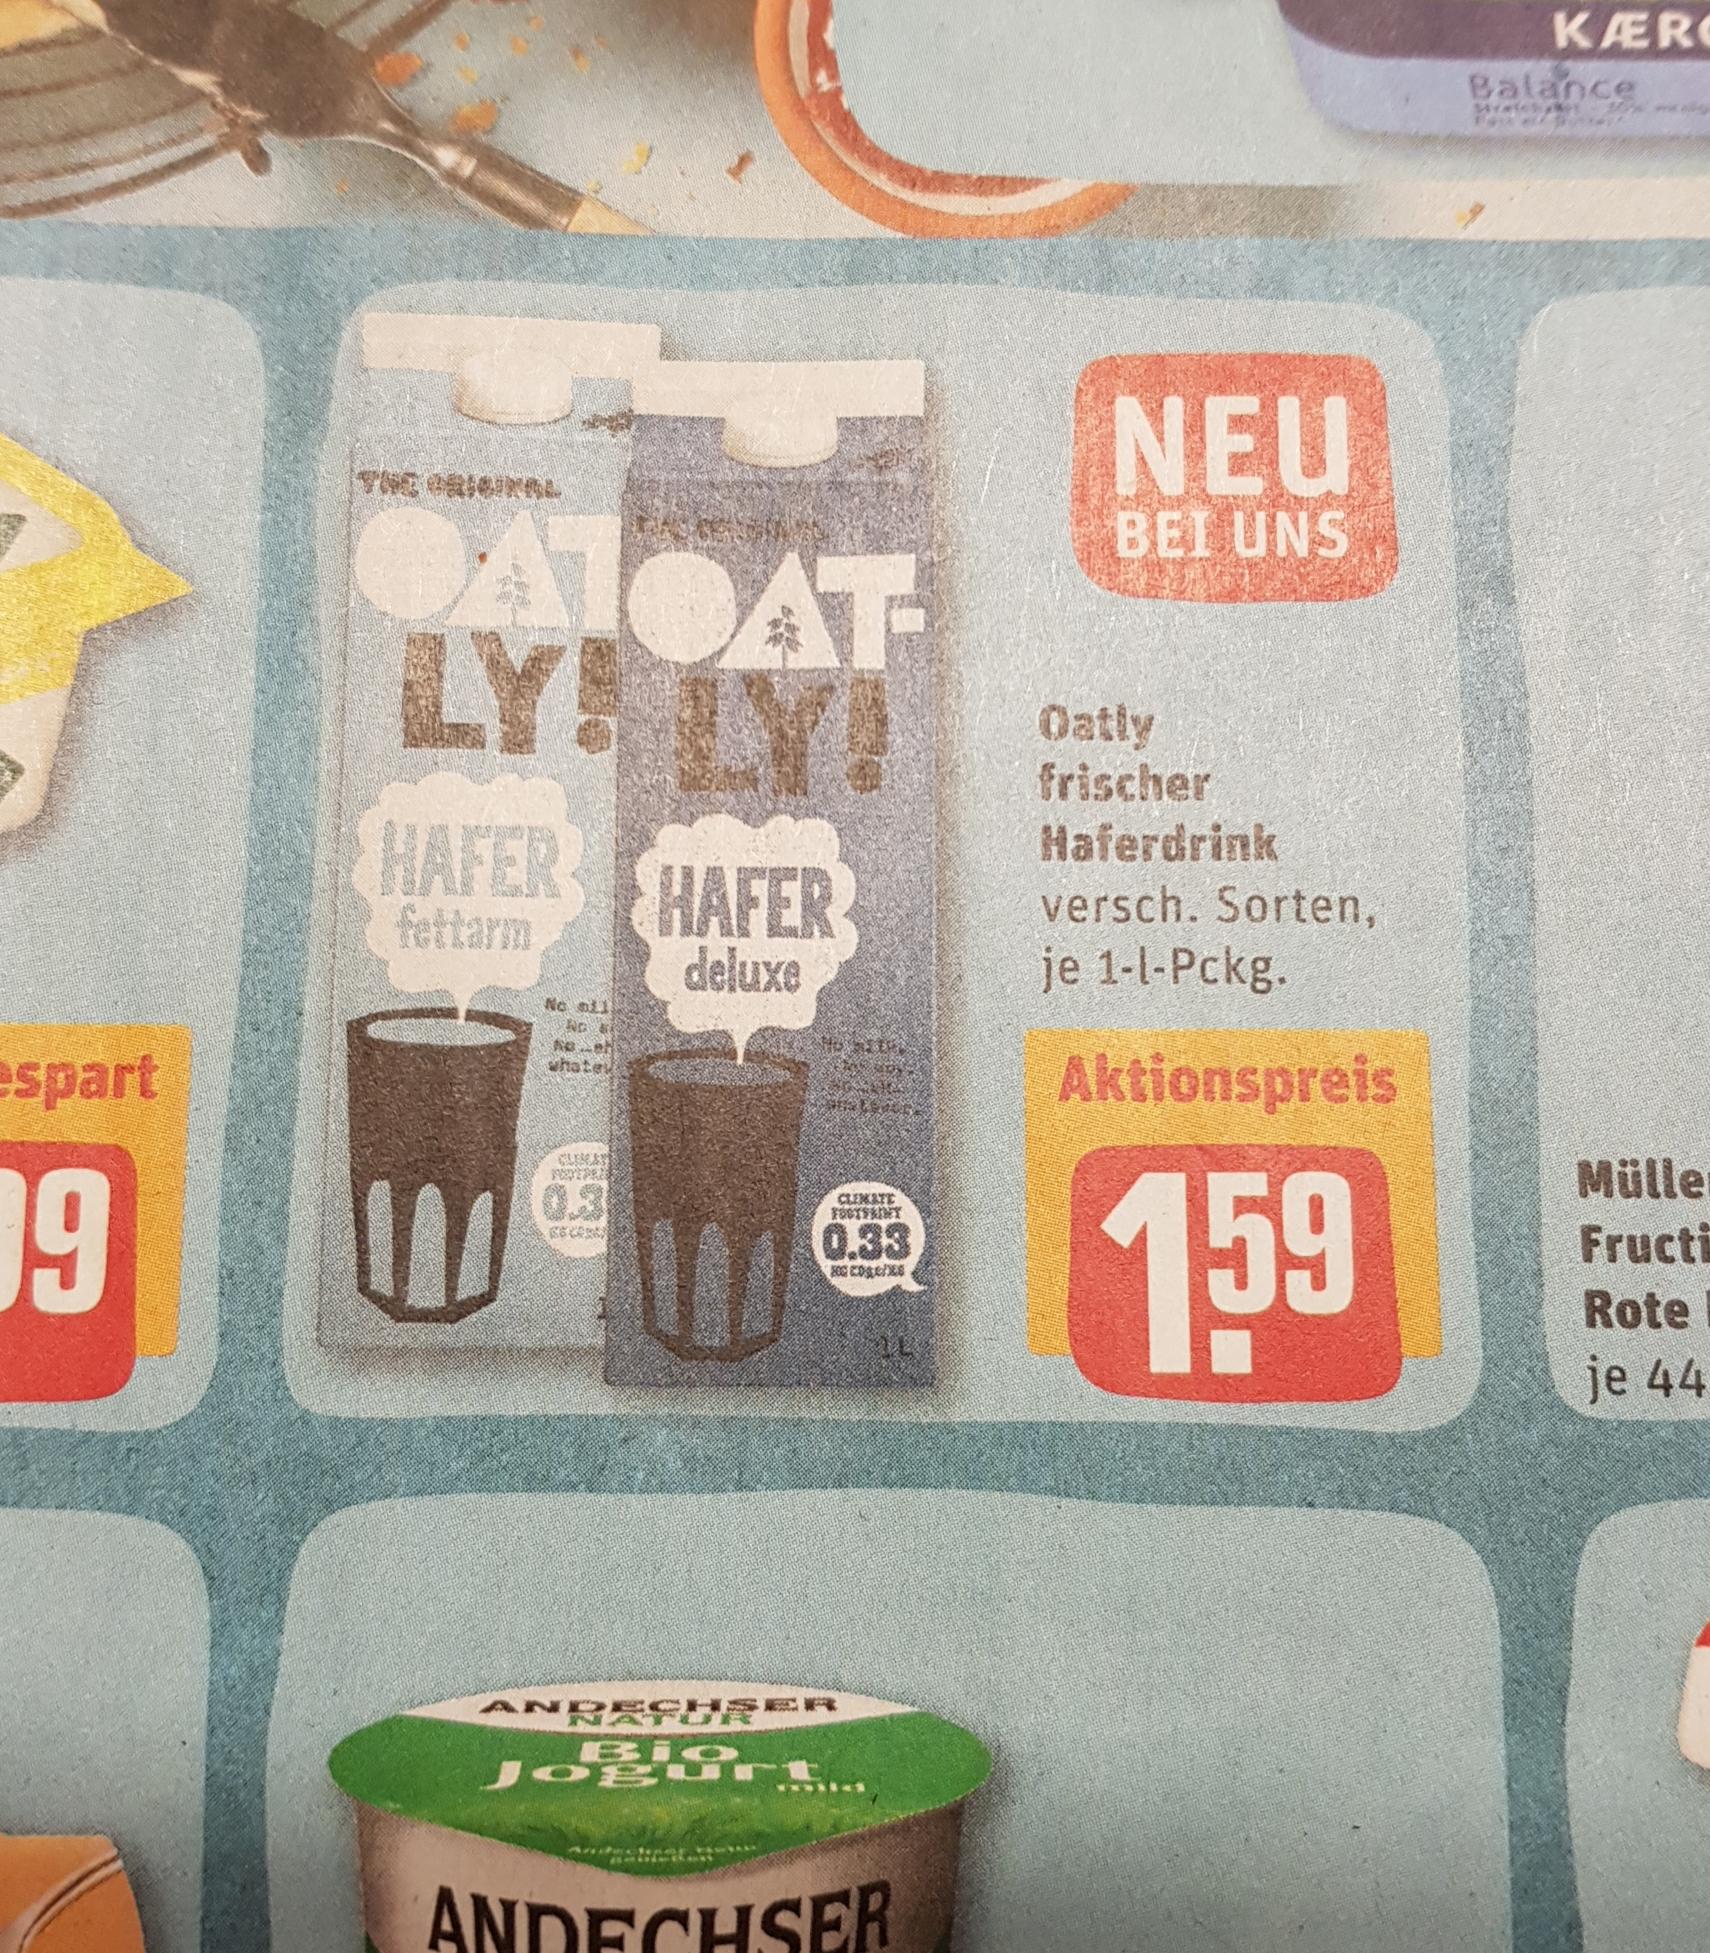 [Rewe Bundesweit] Oatly Hafermilch Vegan verschiedene Sorten für je 1,59€